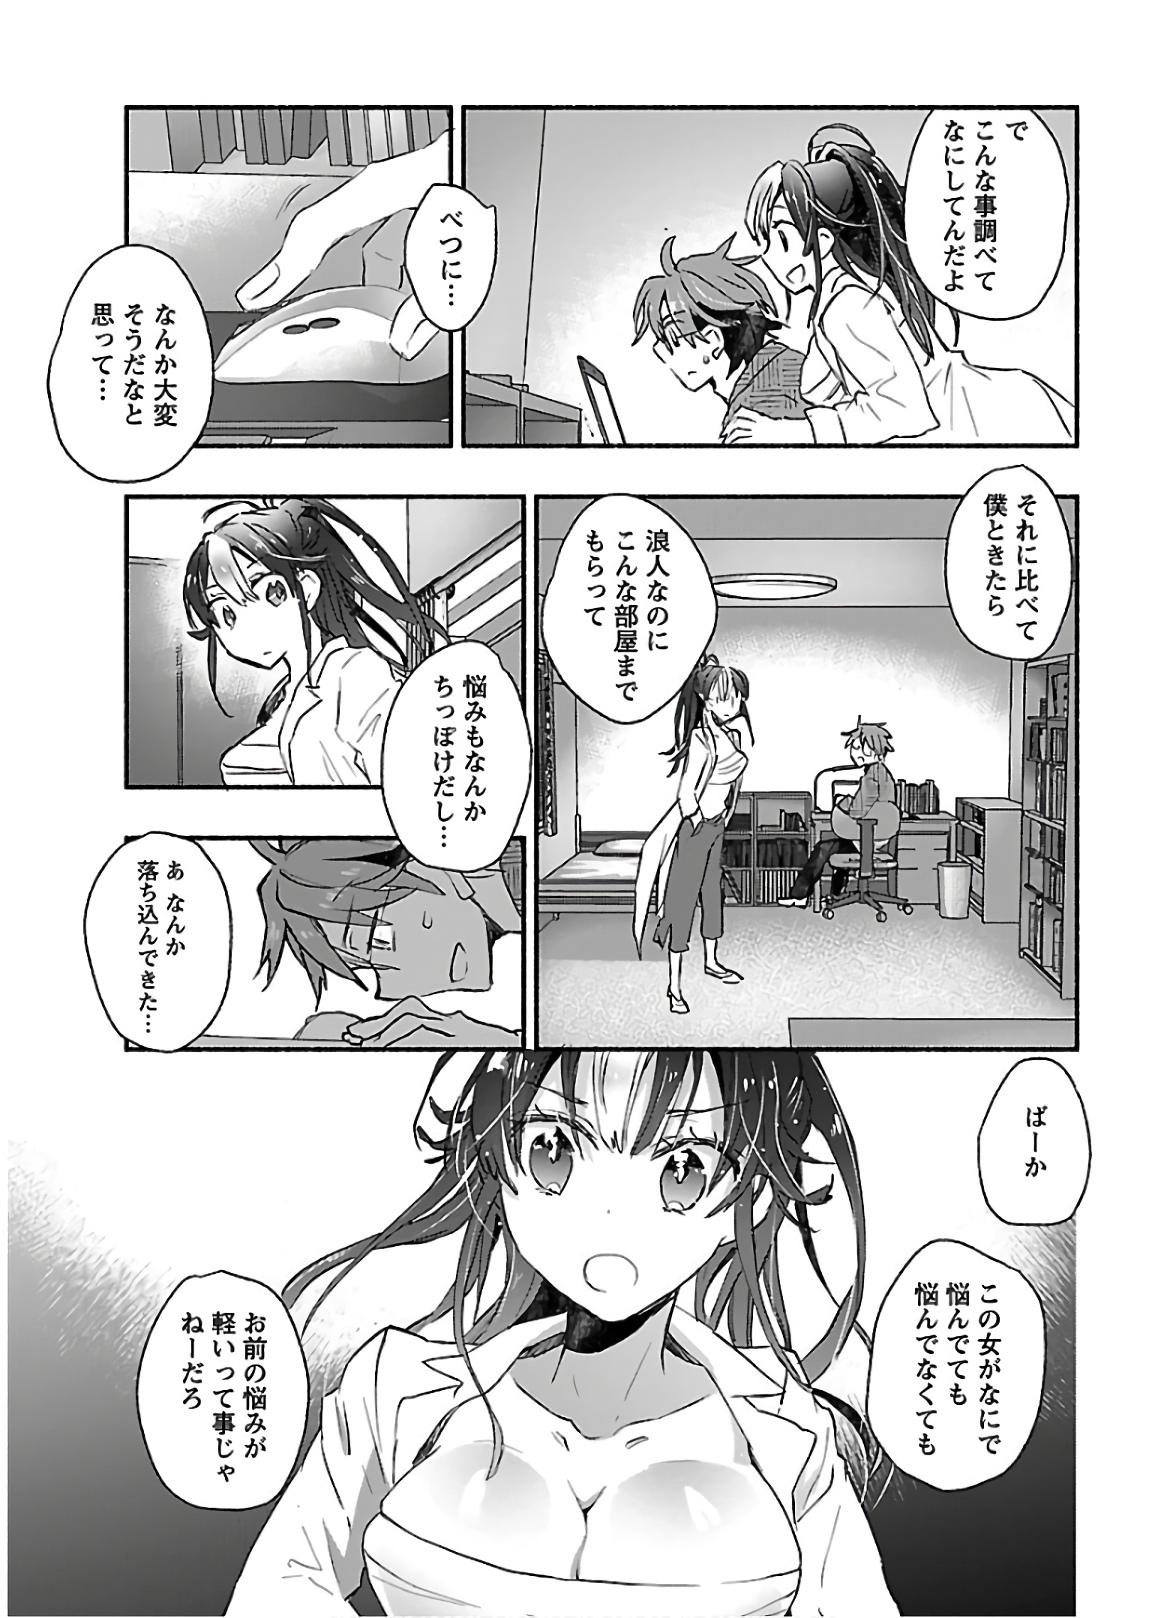 Yankii musume ni natsukarete kotoshi mo juken ni shippai shisou desu  vol.1 154